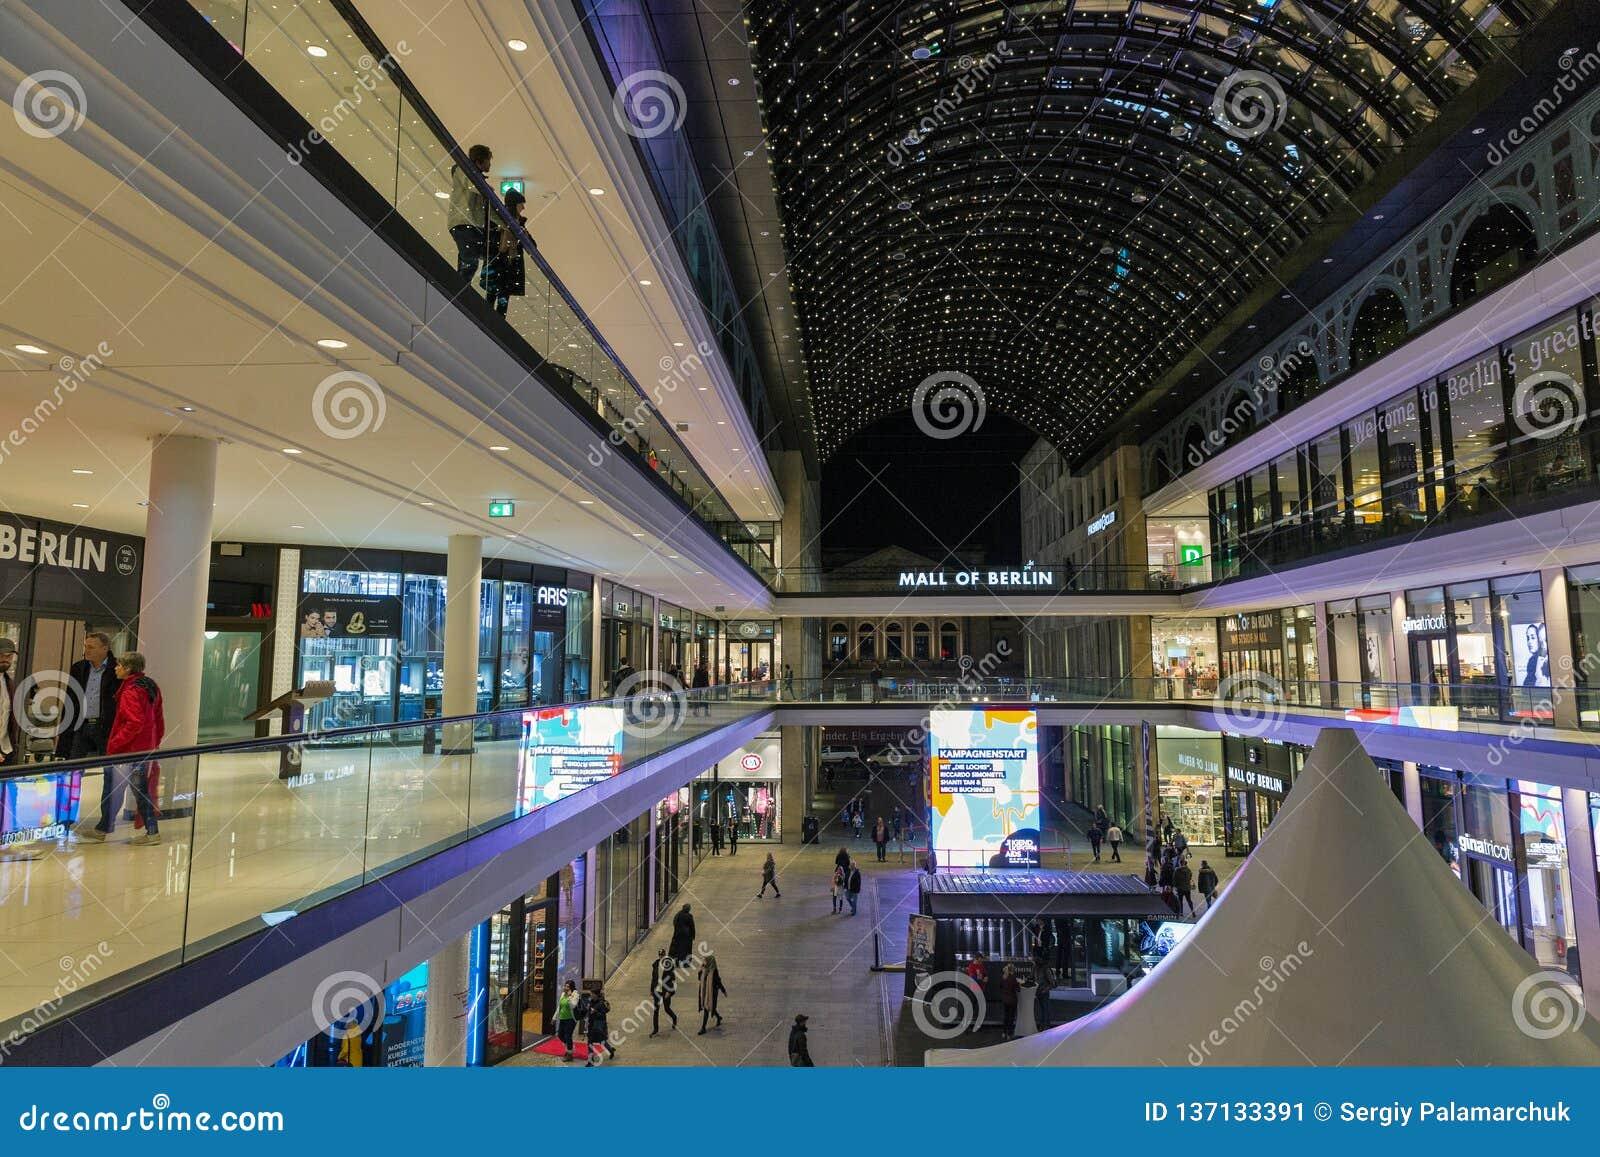 Besuchen Sie das Einkaufszentrum TRIER GALERIE und shoppen Sie in rund 56 Geschäften